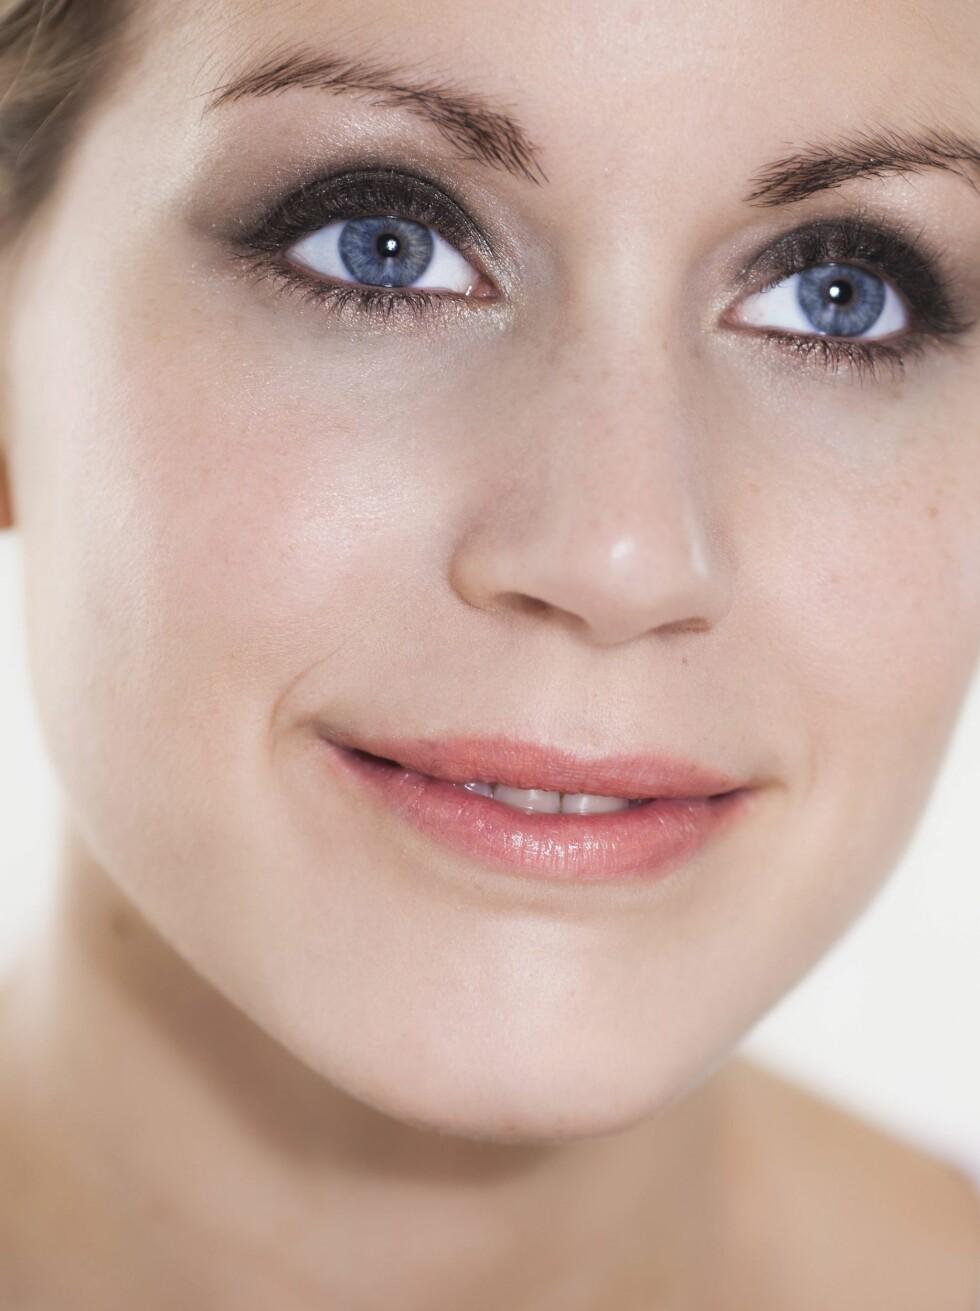 <strong>GI LYS:</strong> En champagnefarget øyeskygge med skimmer i indre øye reflekterer lyset og får øynene til å se mer åpne og større ut.  Foto: Astrid Waller